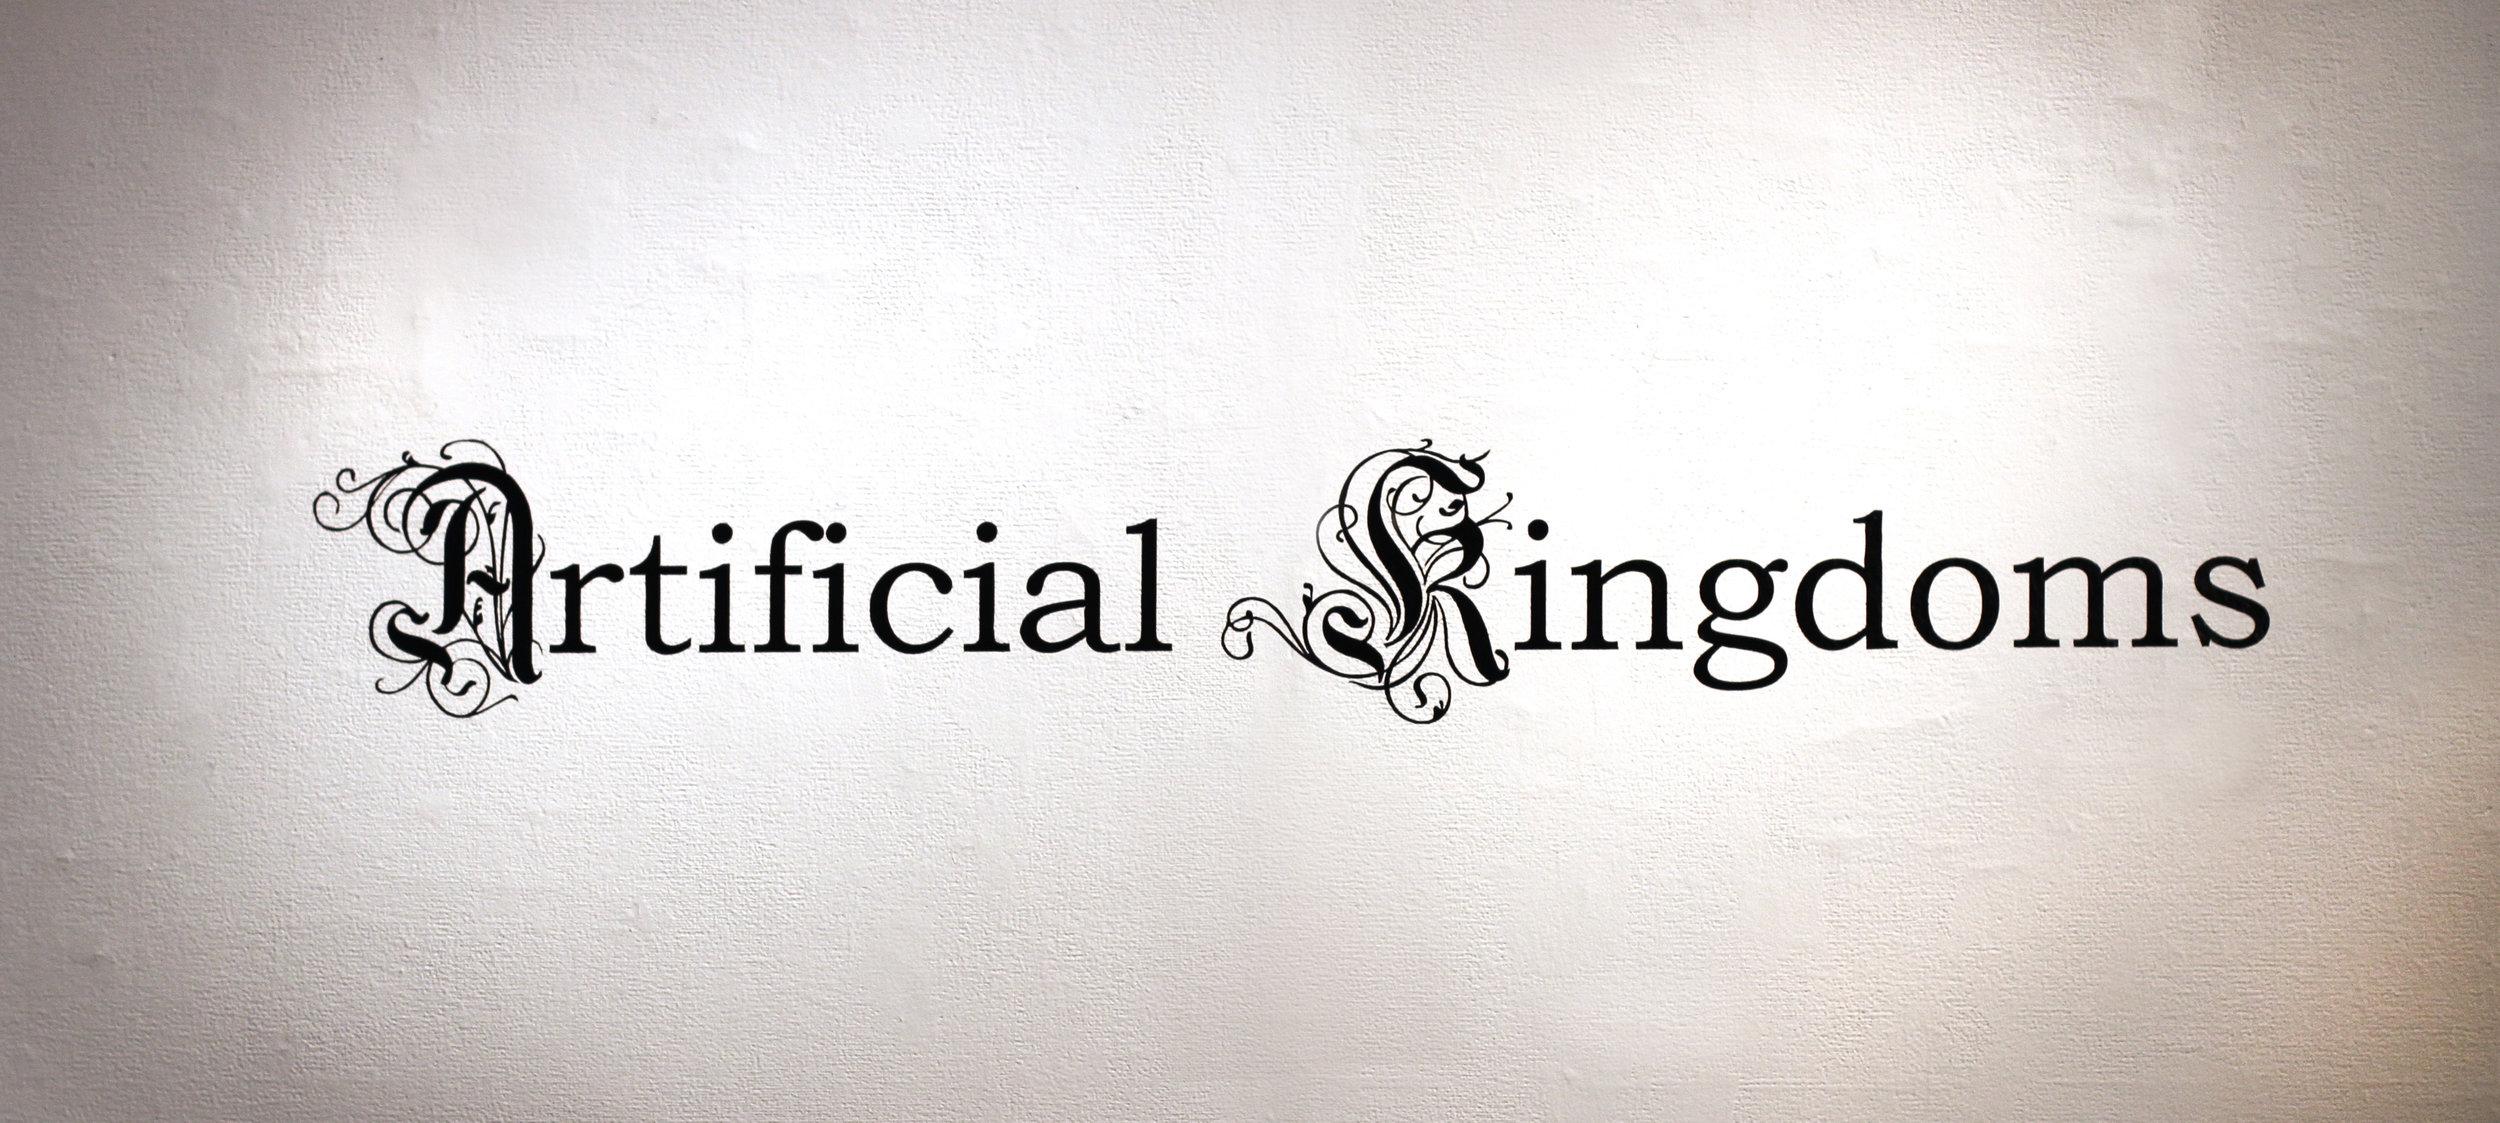 artificialKingdoms banner.jpg